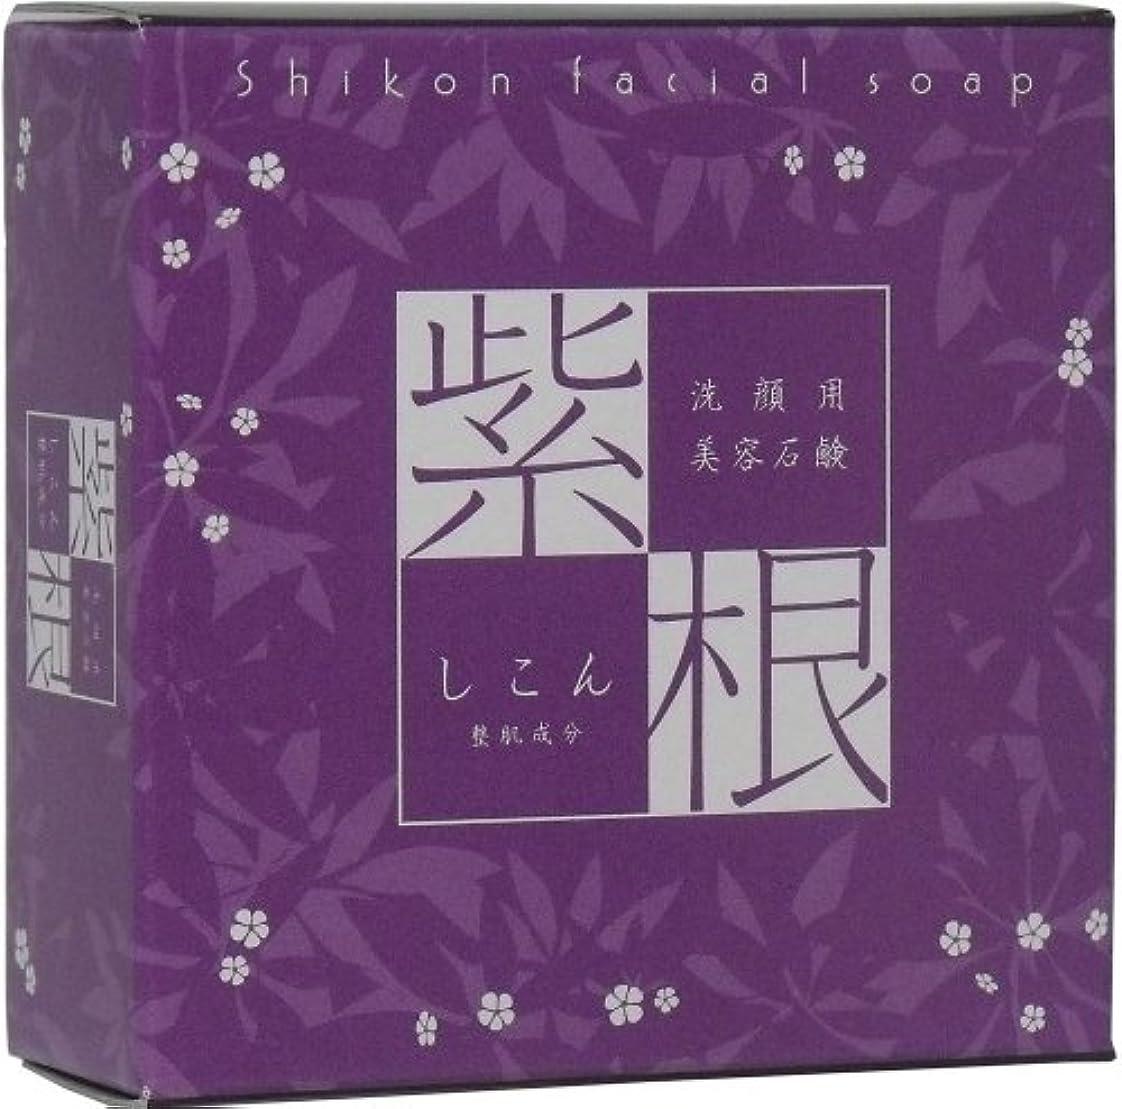 ノベルティ立方体回転する洗顔用 紫根石けん (泡立てネット付き) 100g ×3個セット